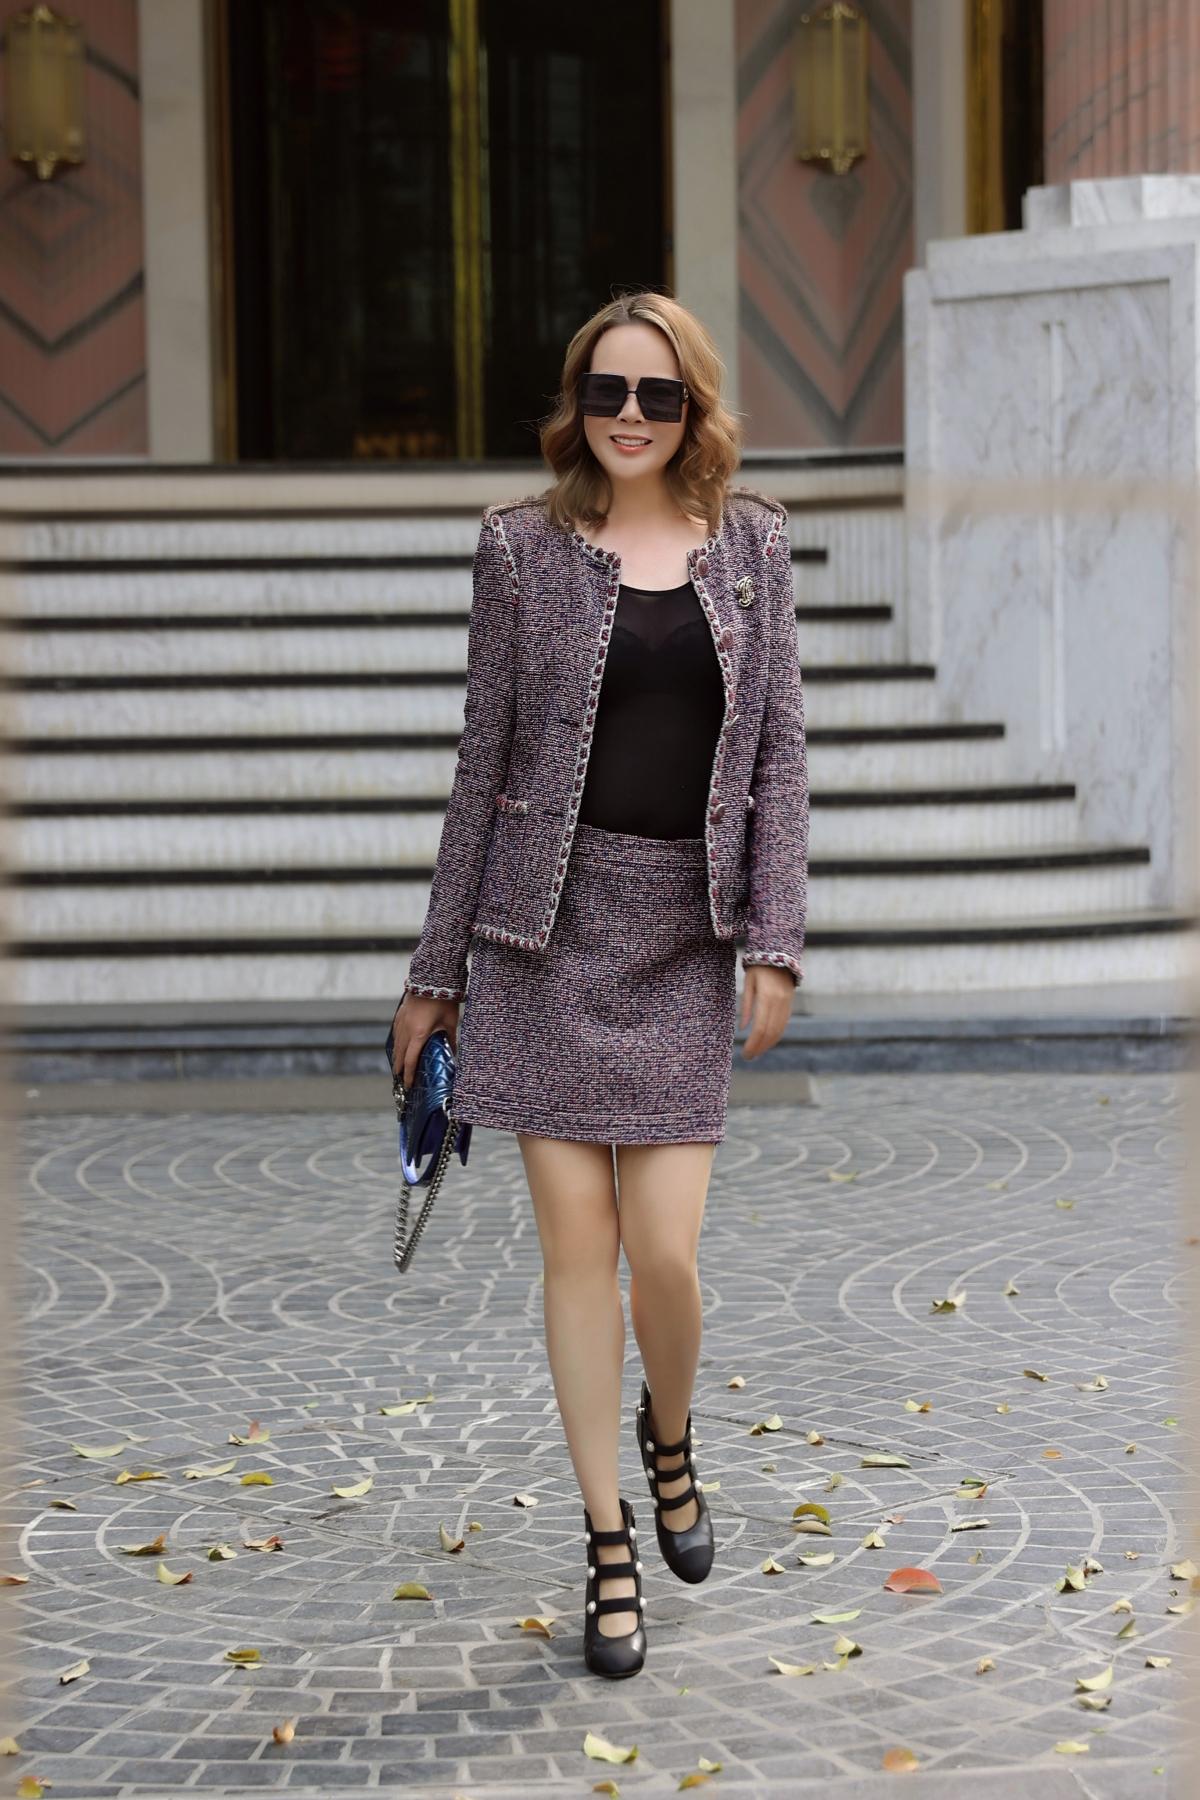 Trần Hiền cho biết, chị chọn đủ loại trang phục và đa dạng để phù hợp với mọi thời tiết, mọi hoàn cảnh.